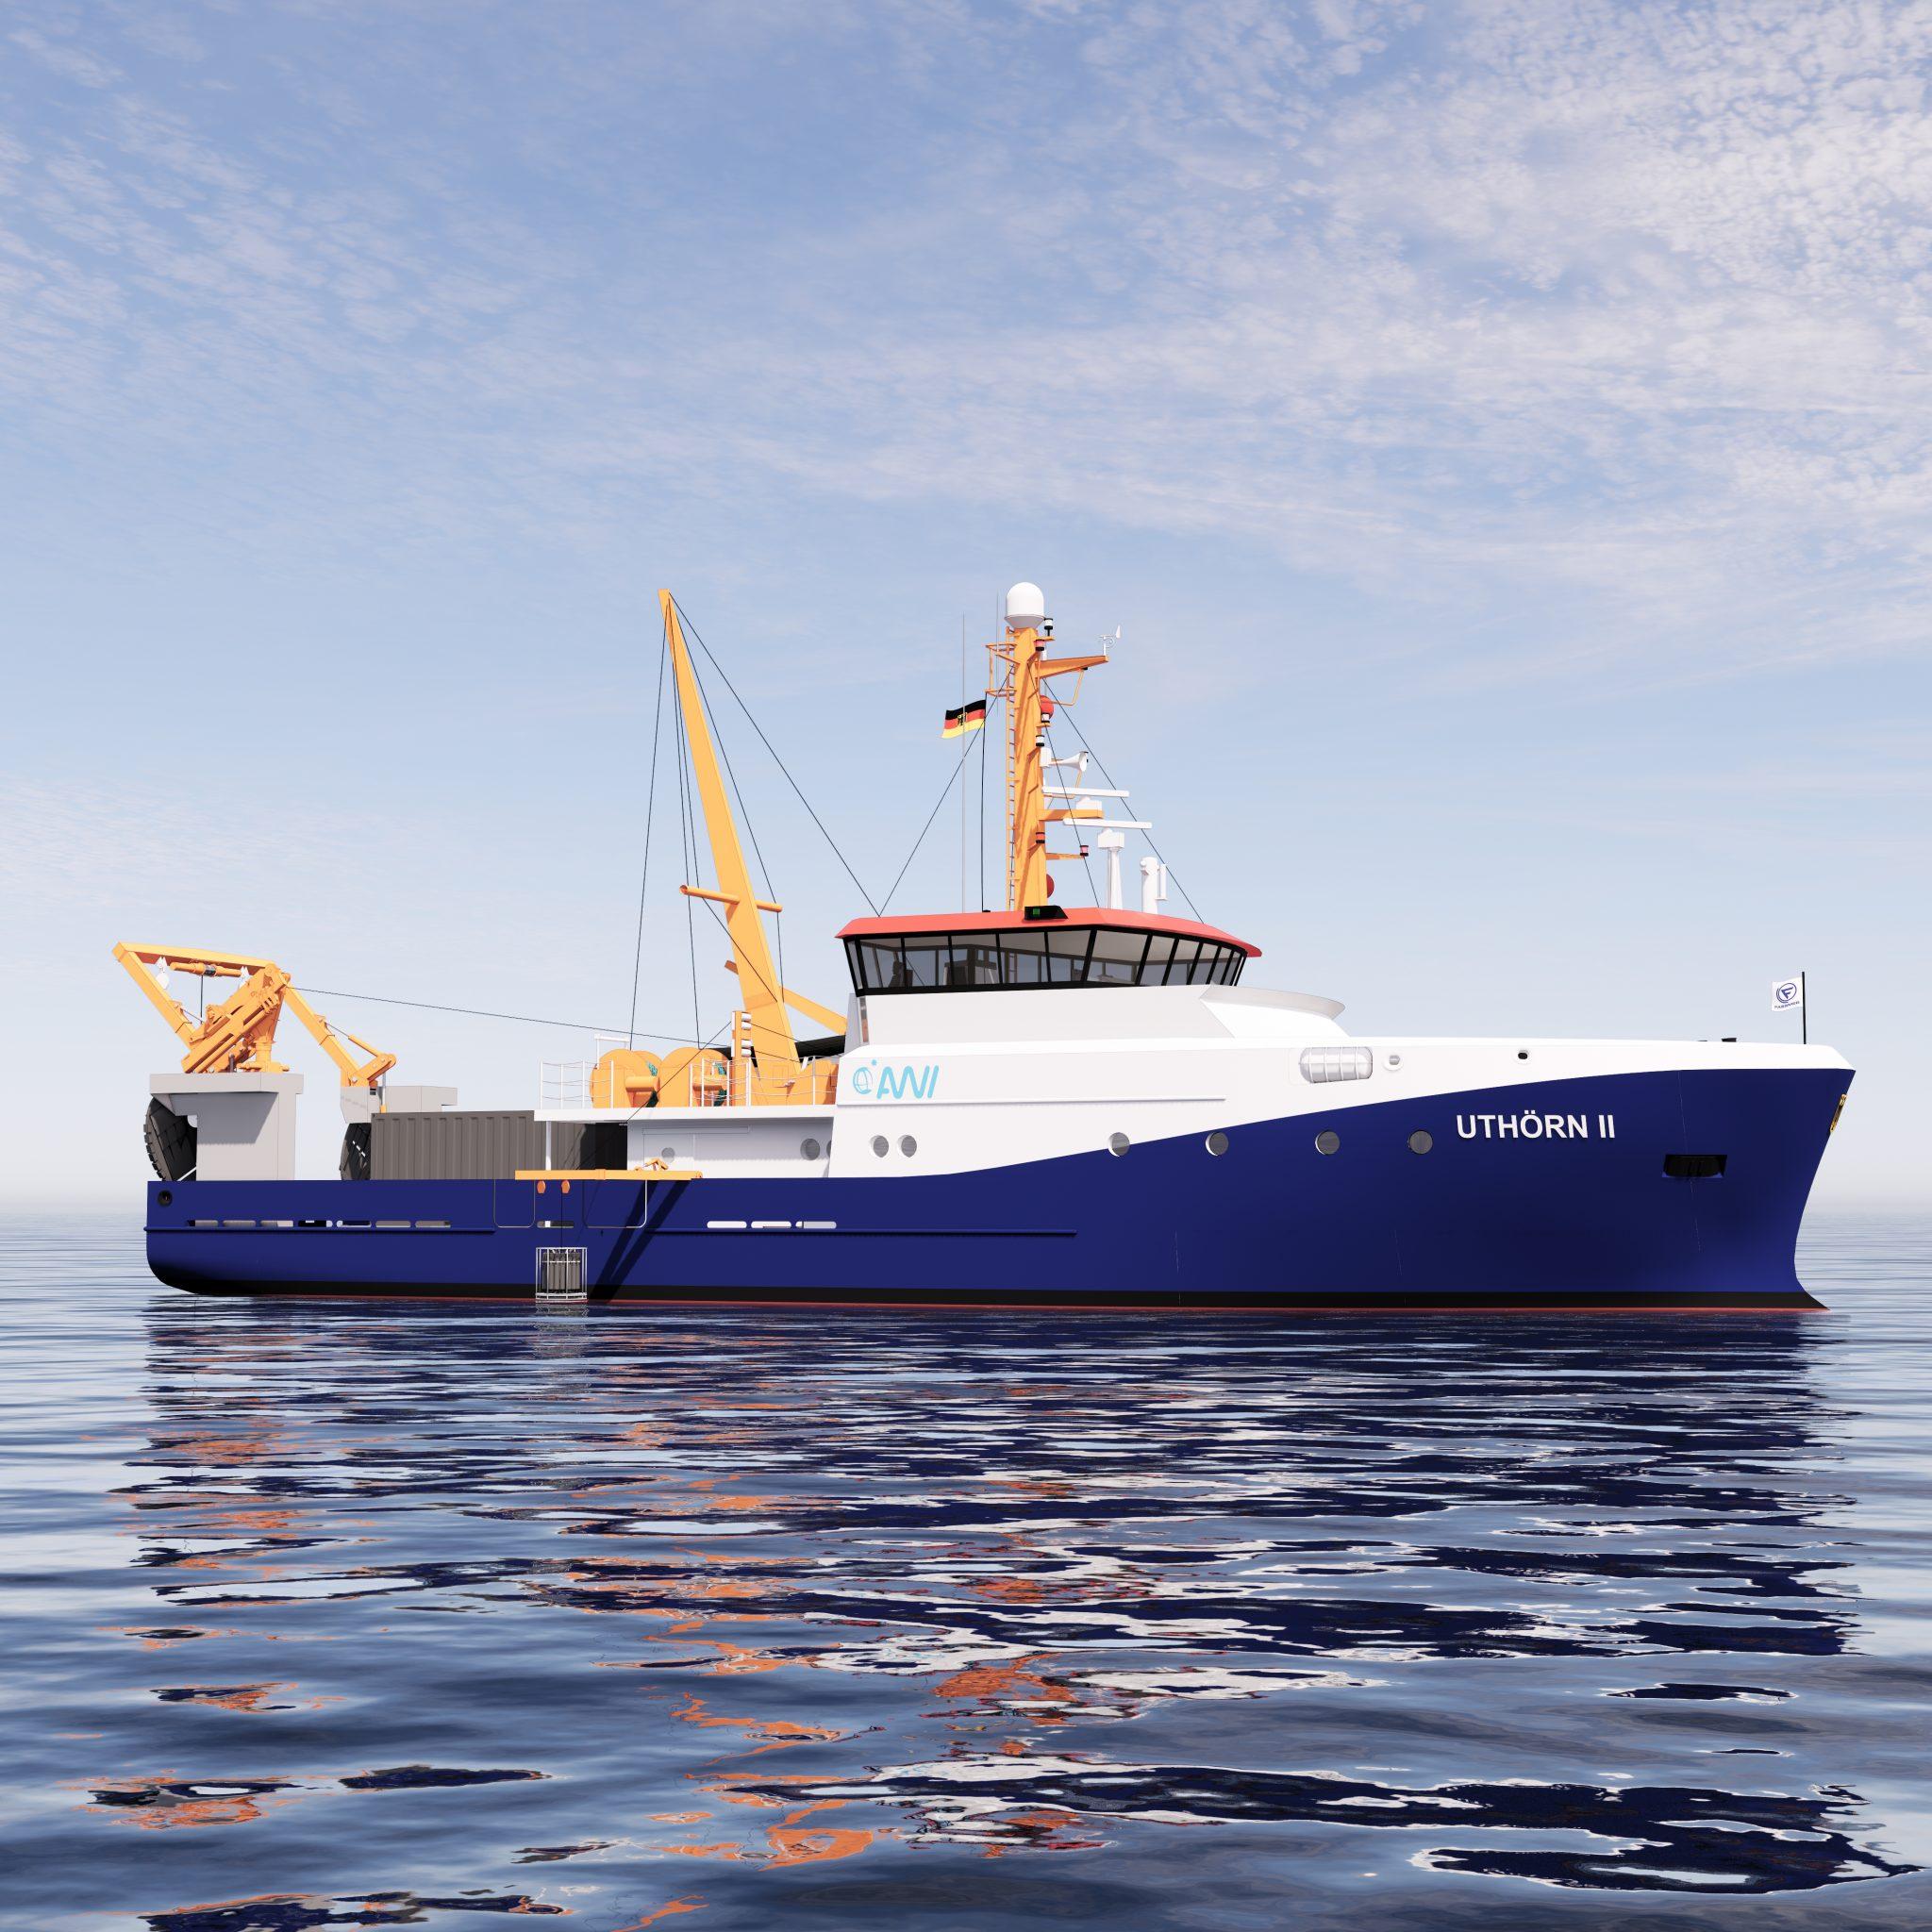 De Uthörn II meet 35 x 9 meter, krijgt een bemanning van 5 personen en heeft accommodatie voor vier onderzoekers. (Beeld ScandiNAOS)